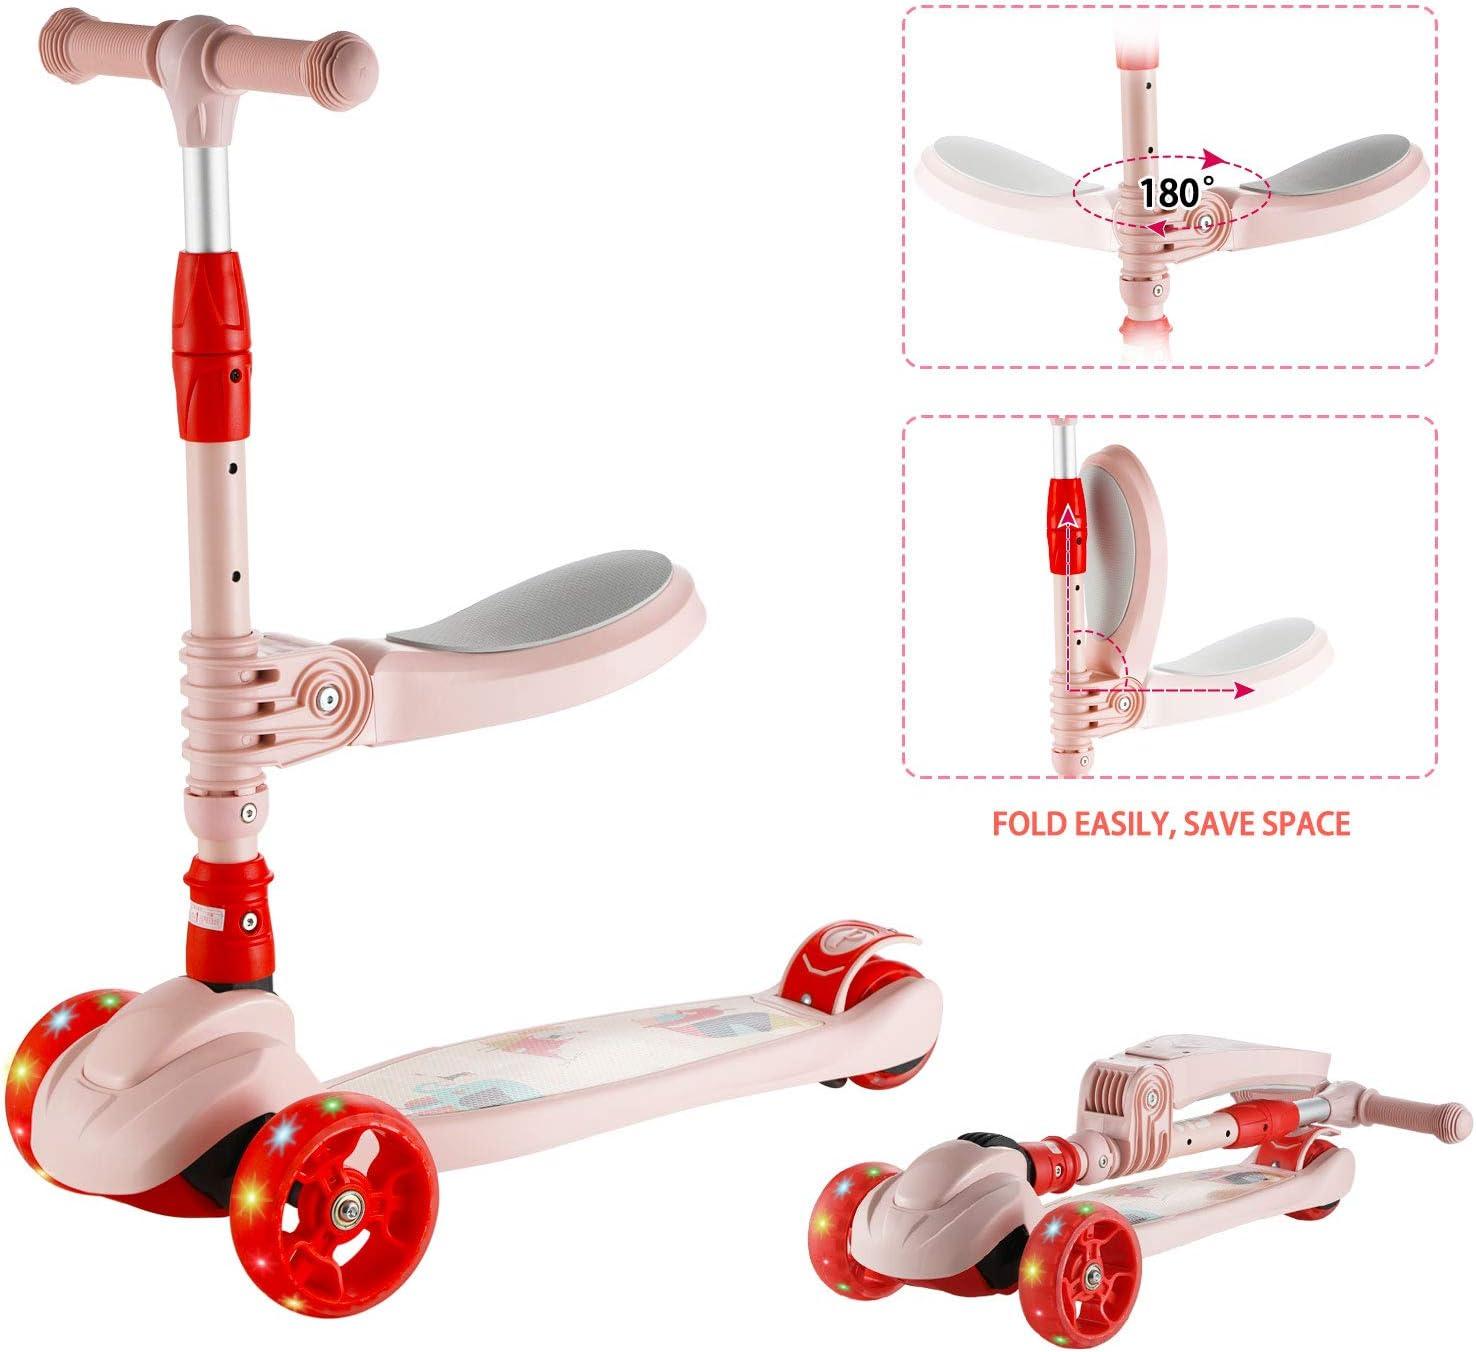 Scooter para Ni/ños Rosado Altura Ajustable para Ni/ñas y Ni/ños de 3 a 12 A/ños Arkmiido 3 en 1 Patinete para Ni/ños con Asiento Plegable y Extra/íble 3 Ruedas de Luz LED